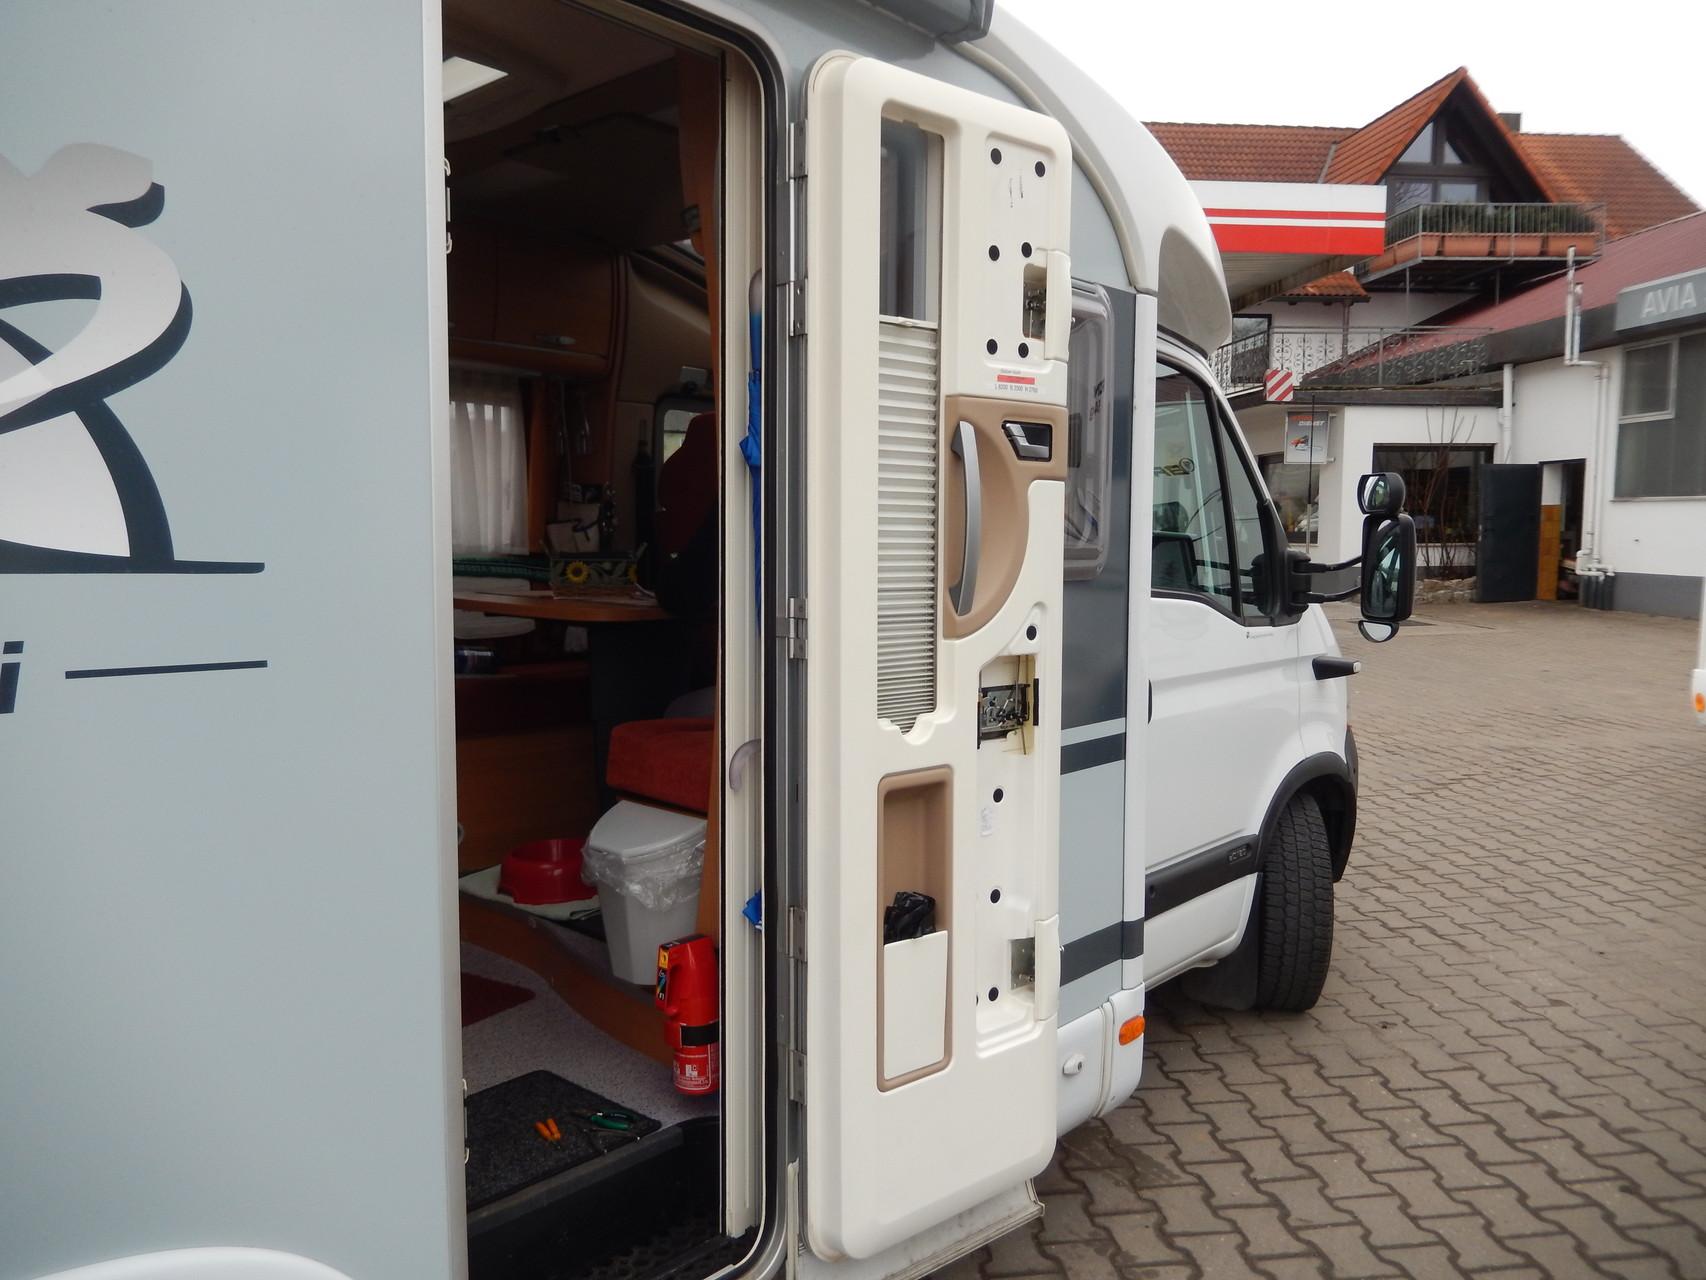 Hier, in Rauhenebrach, wird nun die Tür vom Horst-Pferdinand repariert......